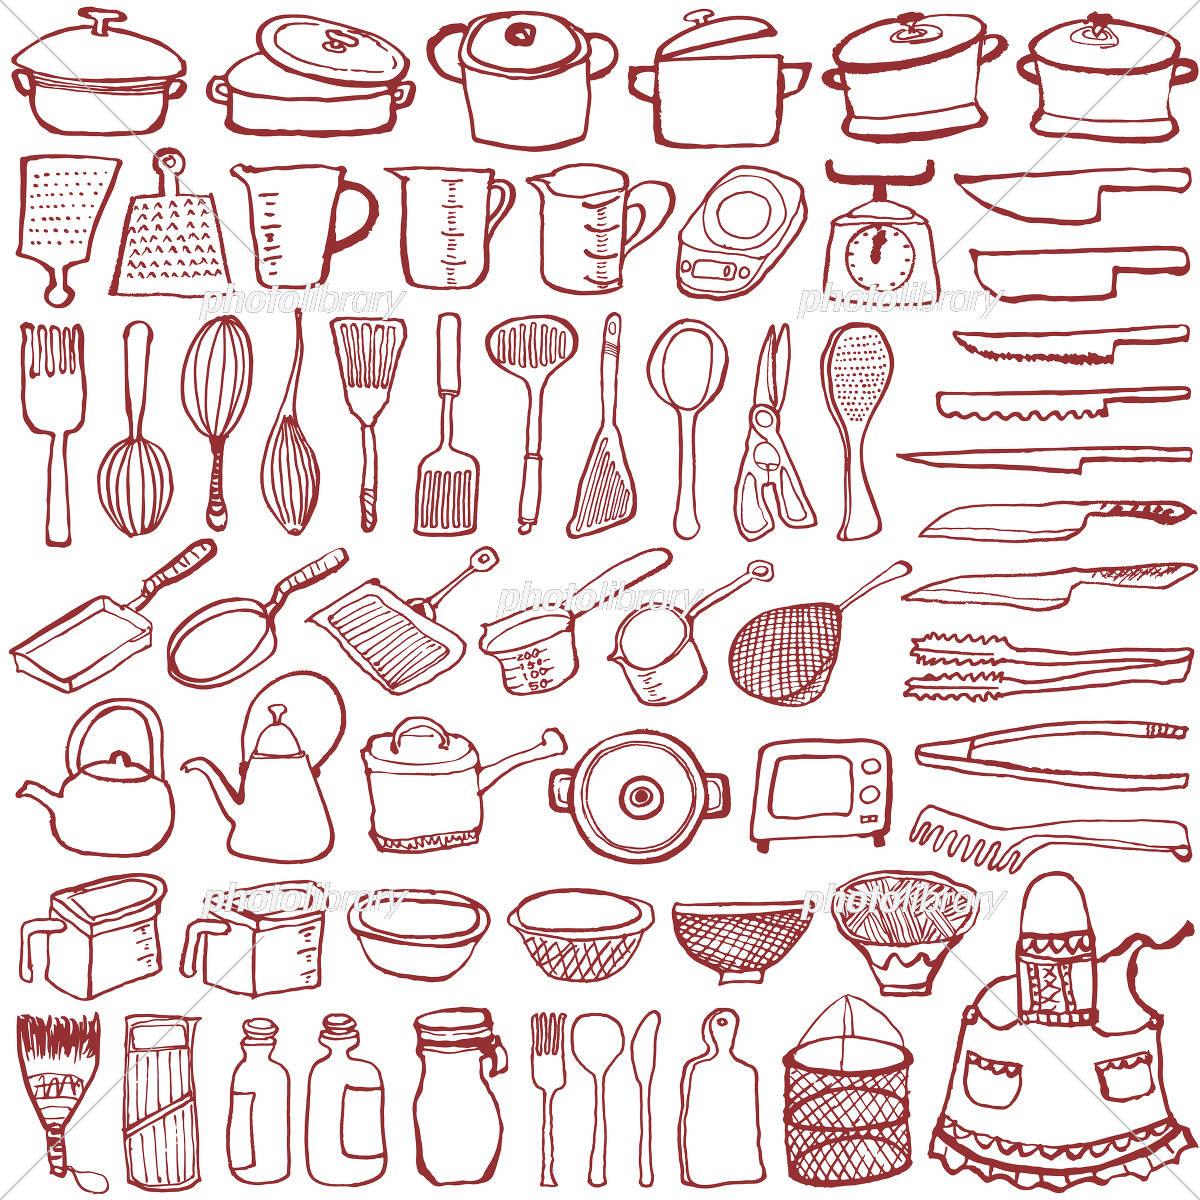 キッチン雑貨 手書きイラスト イラスト素材 [ 5193136 ] - フォトライブ